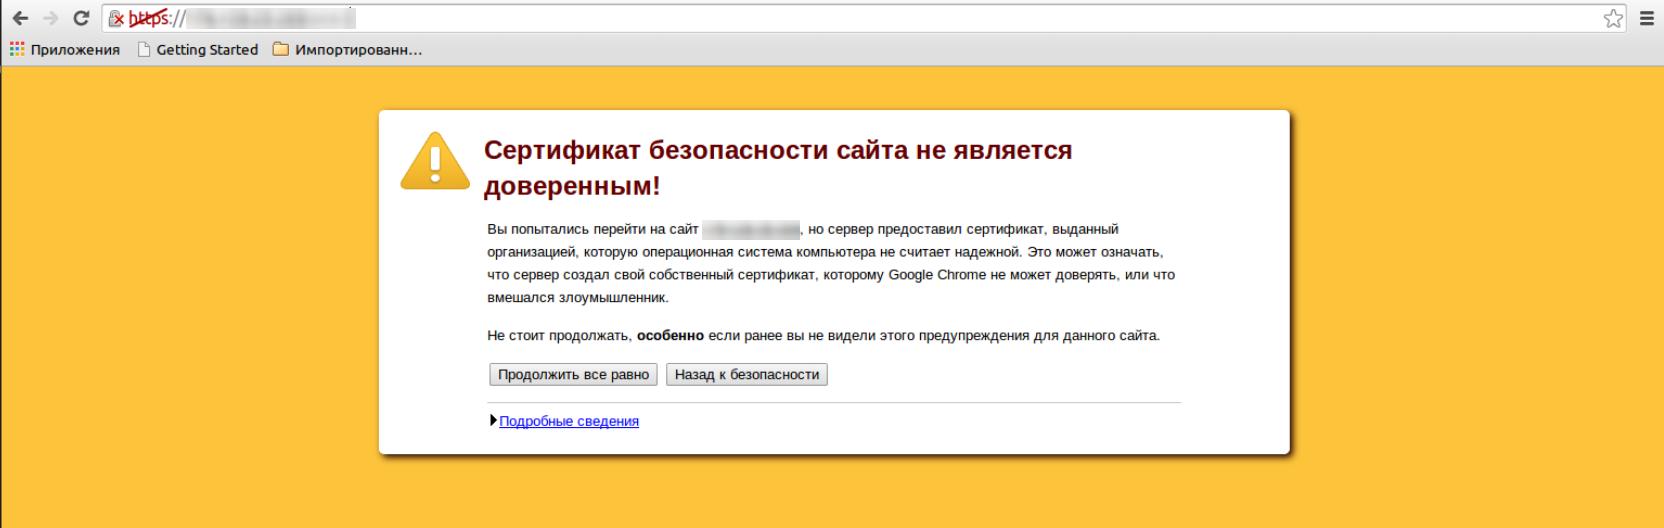 Отчет по безопасности сайта